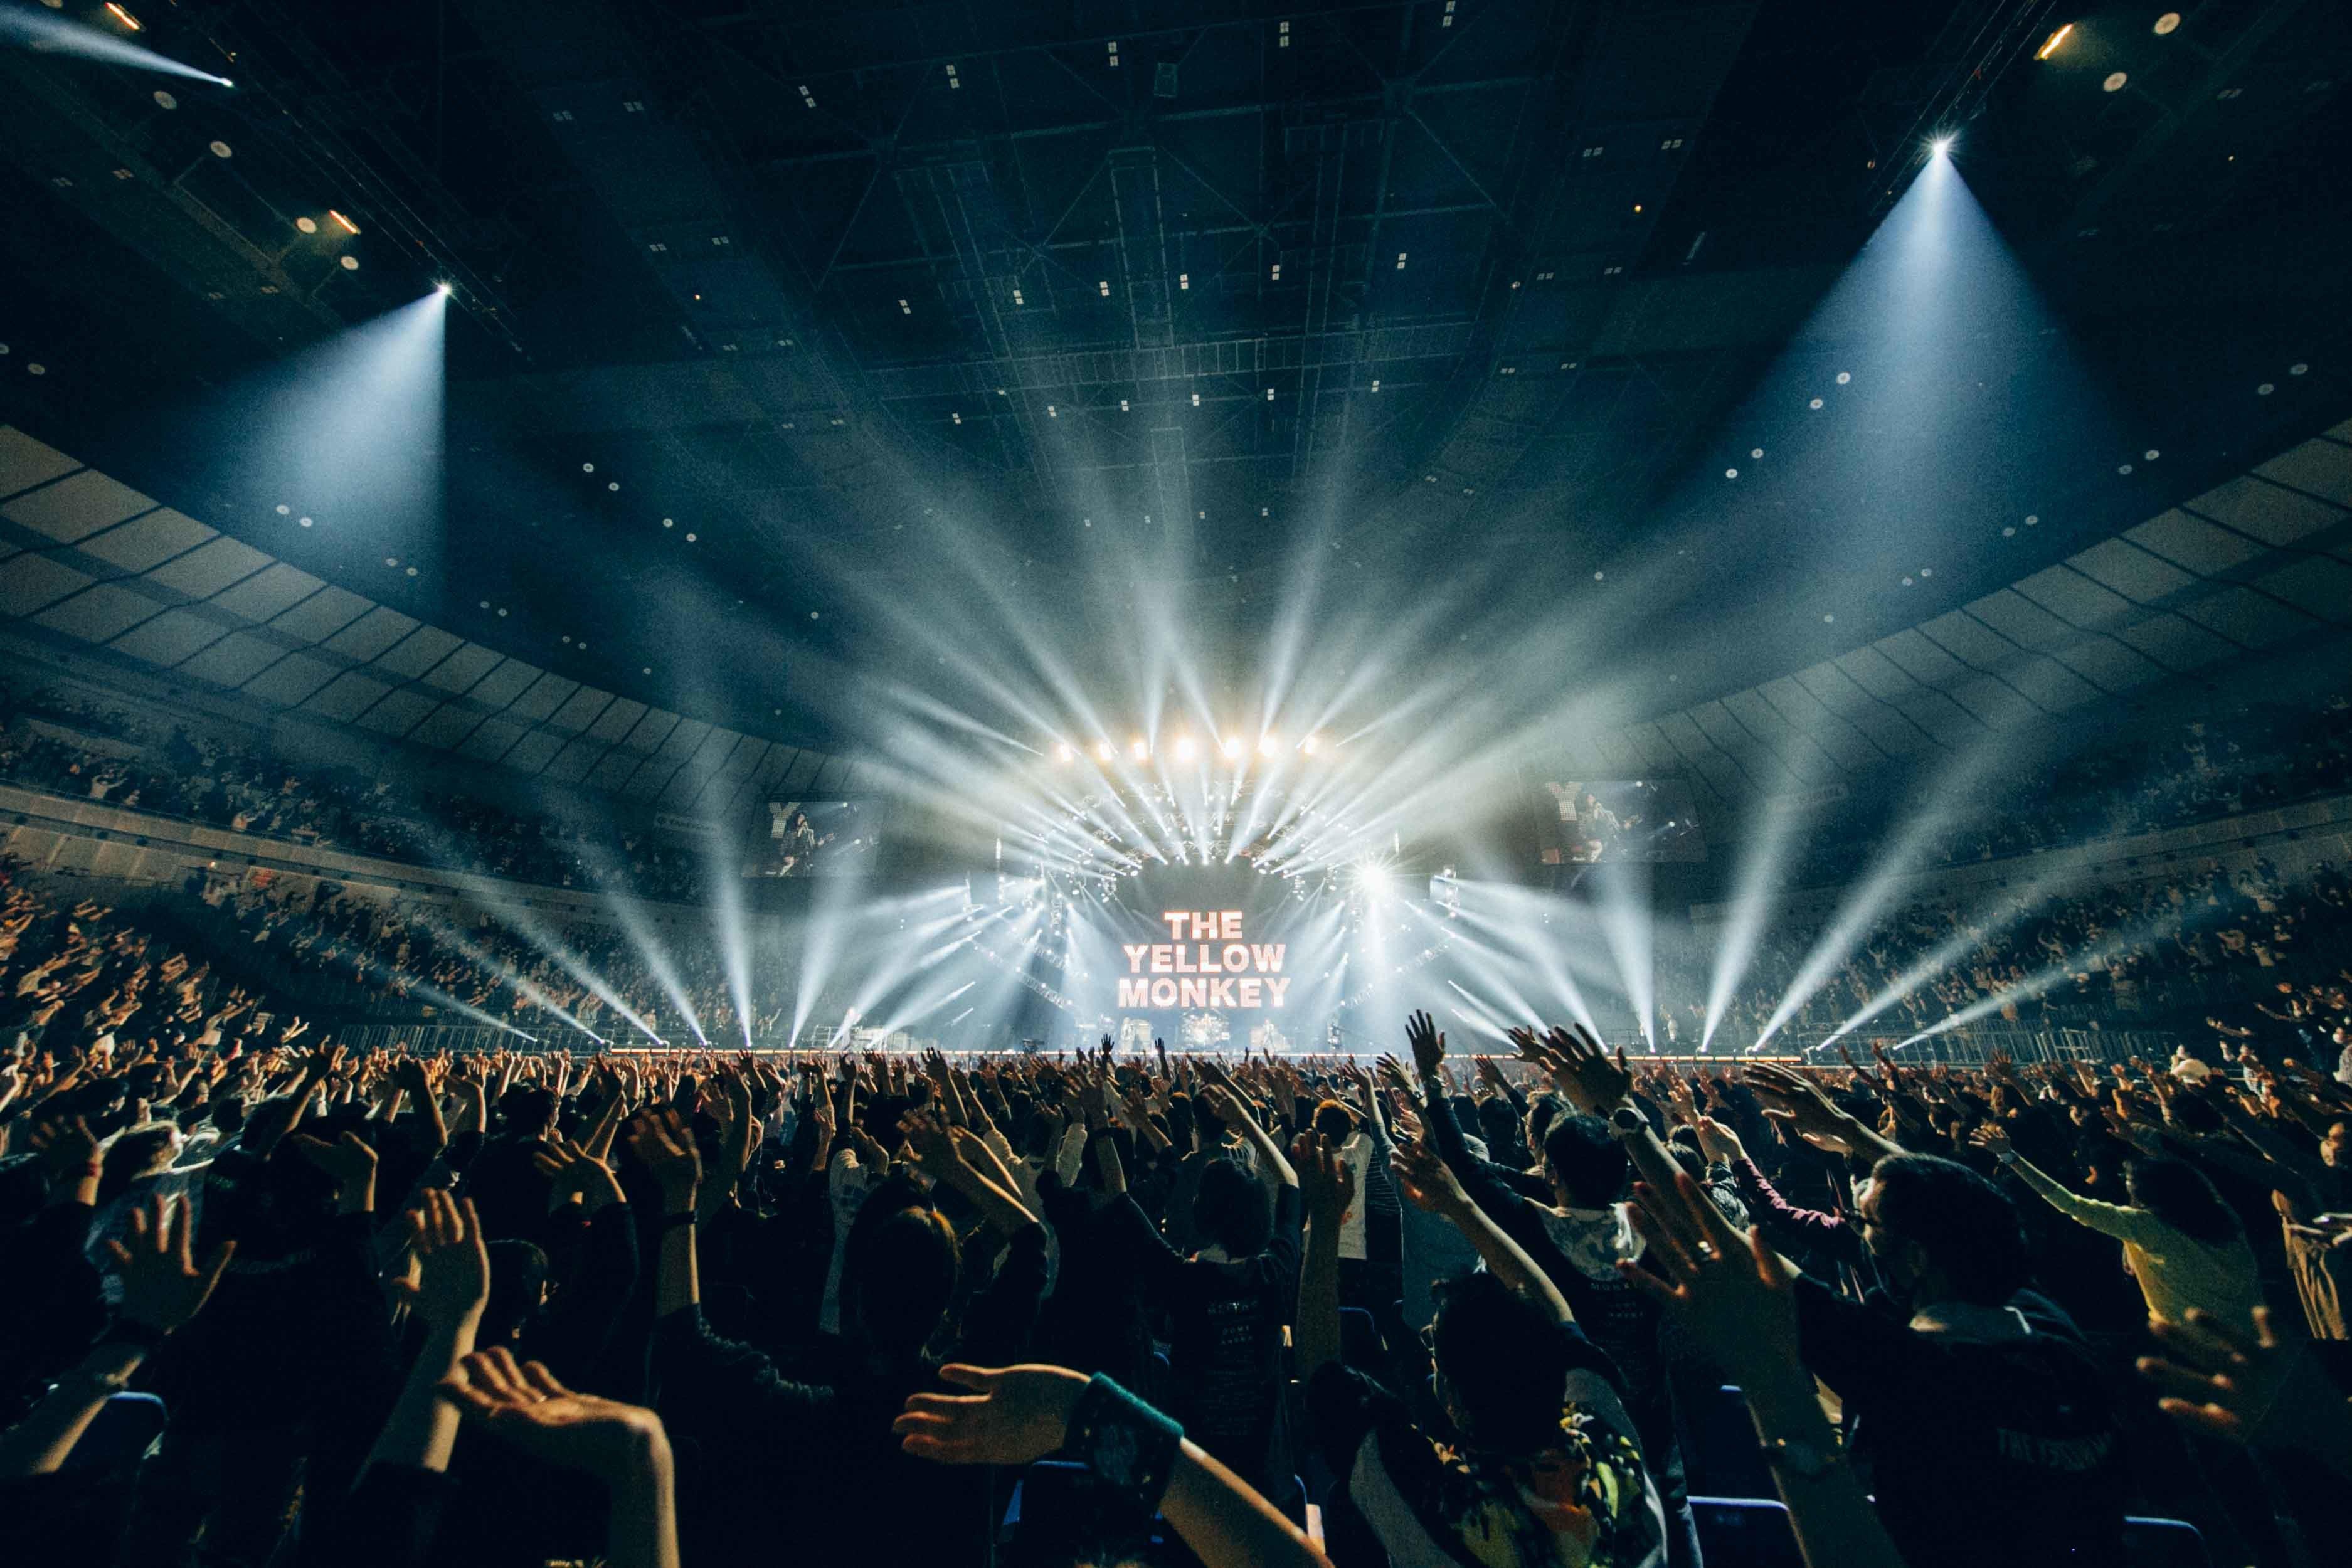 THE YELLOW MONKEY『30th Anniversary LIVE -YOKOHAMA SPECIAL-』